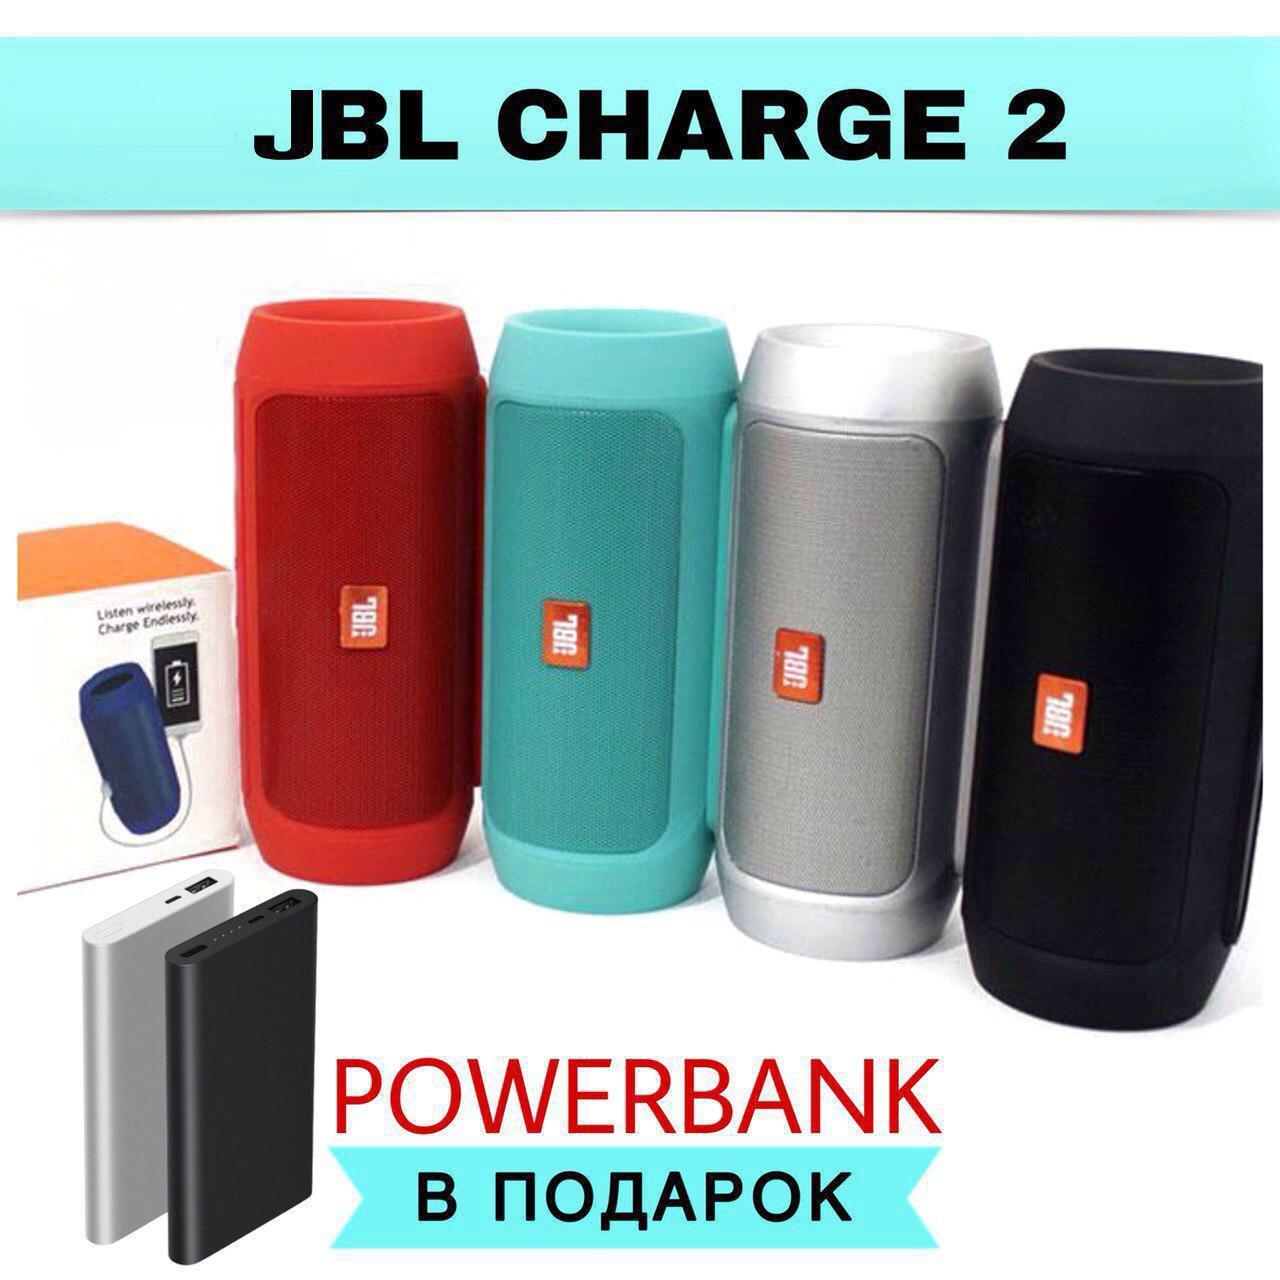 АКЦИЯ! Колонка JBL Charge 2 + Power Bank Xiaomi Mi 12000mAh в ПОДАРОК